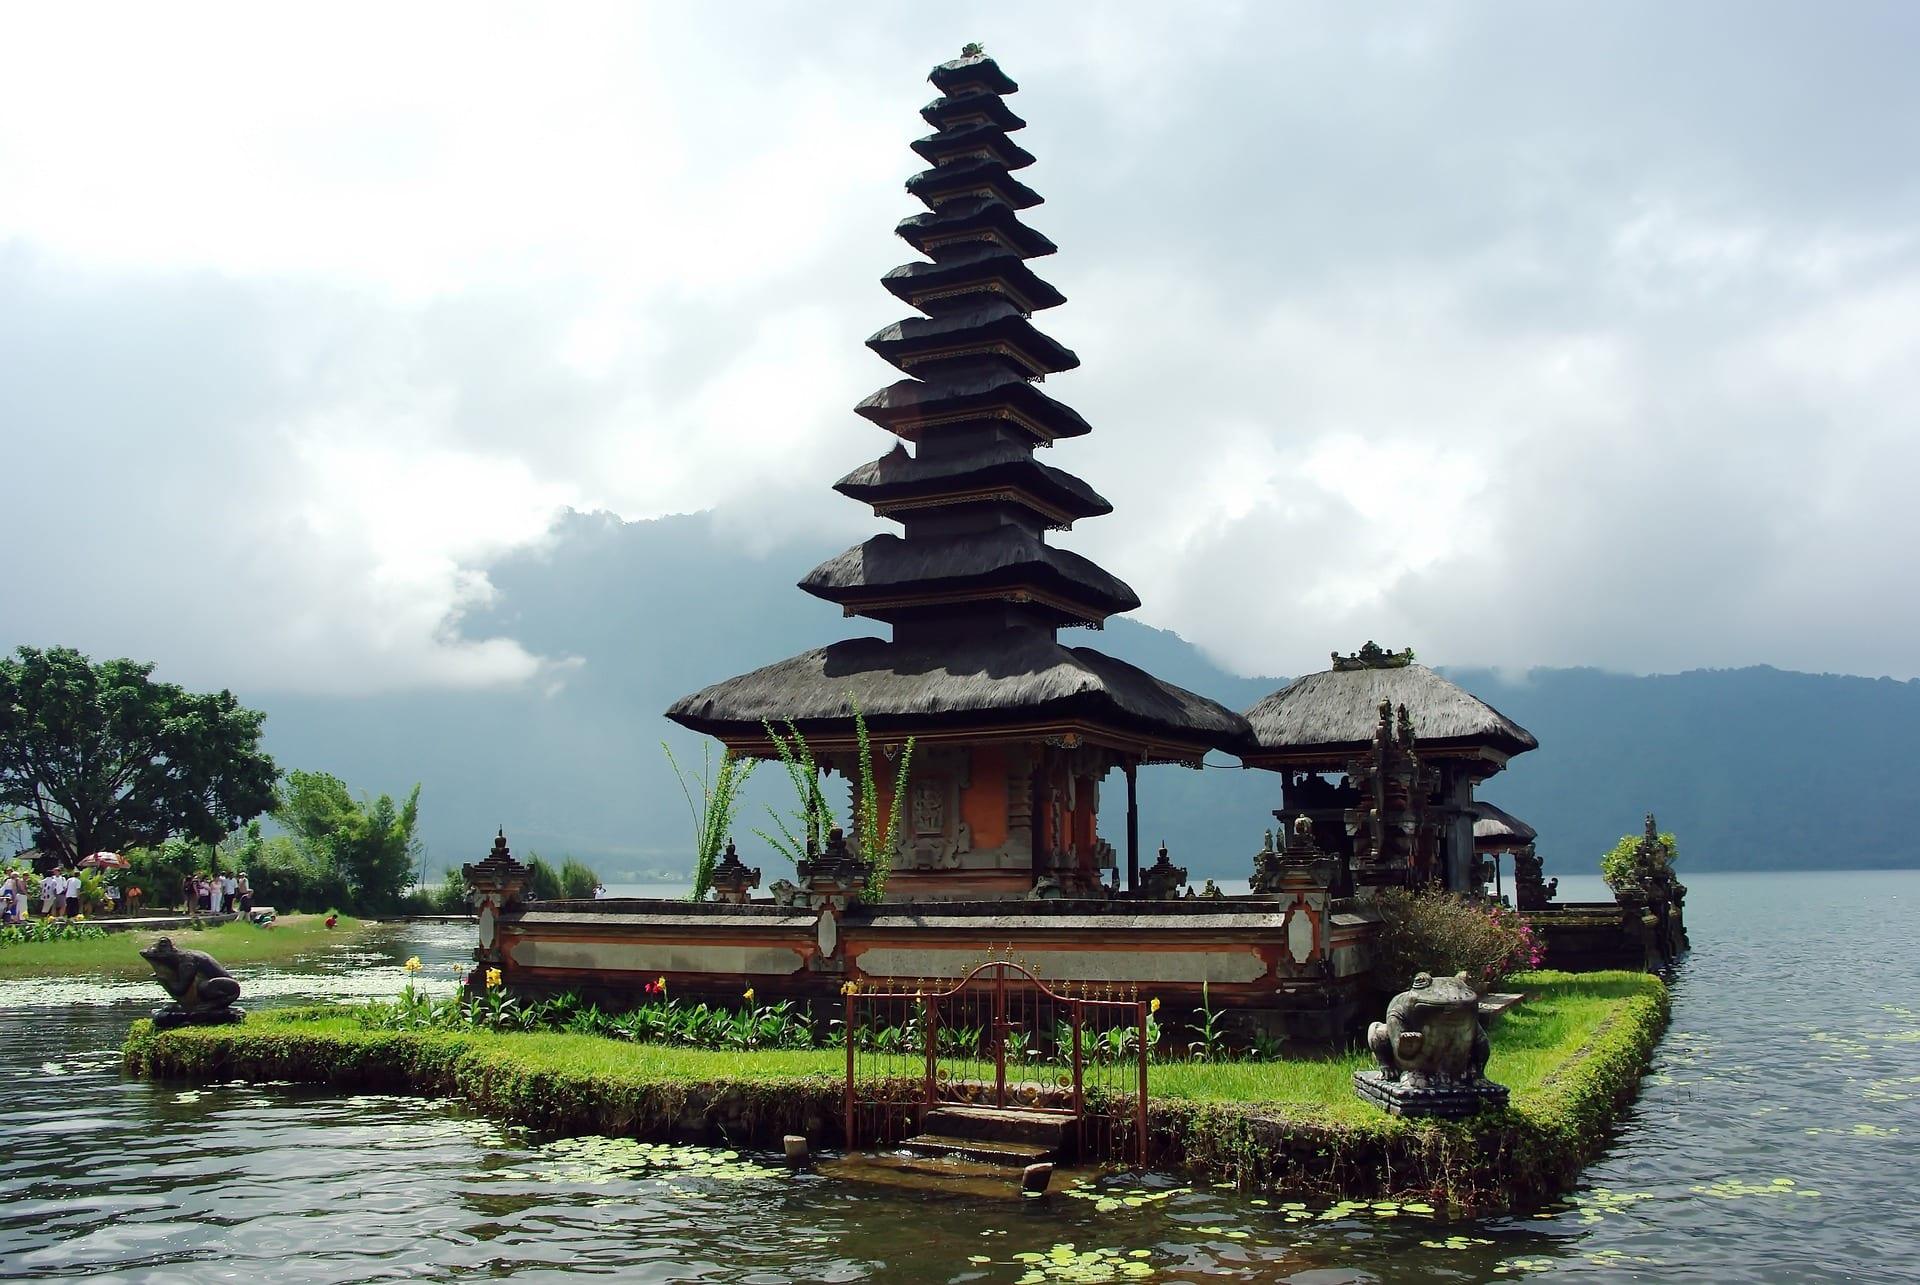 Tempio Indonesia.